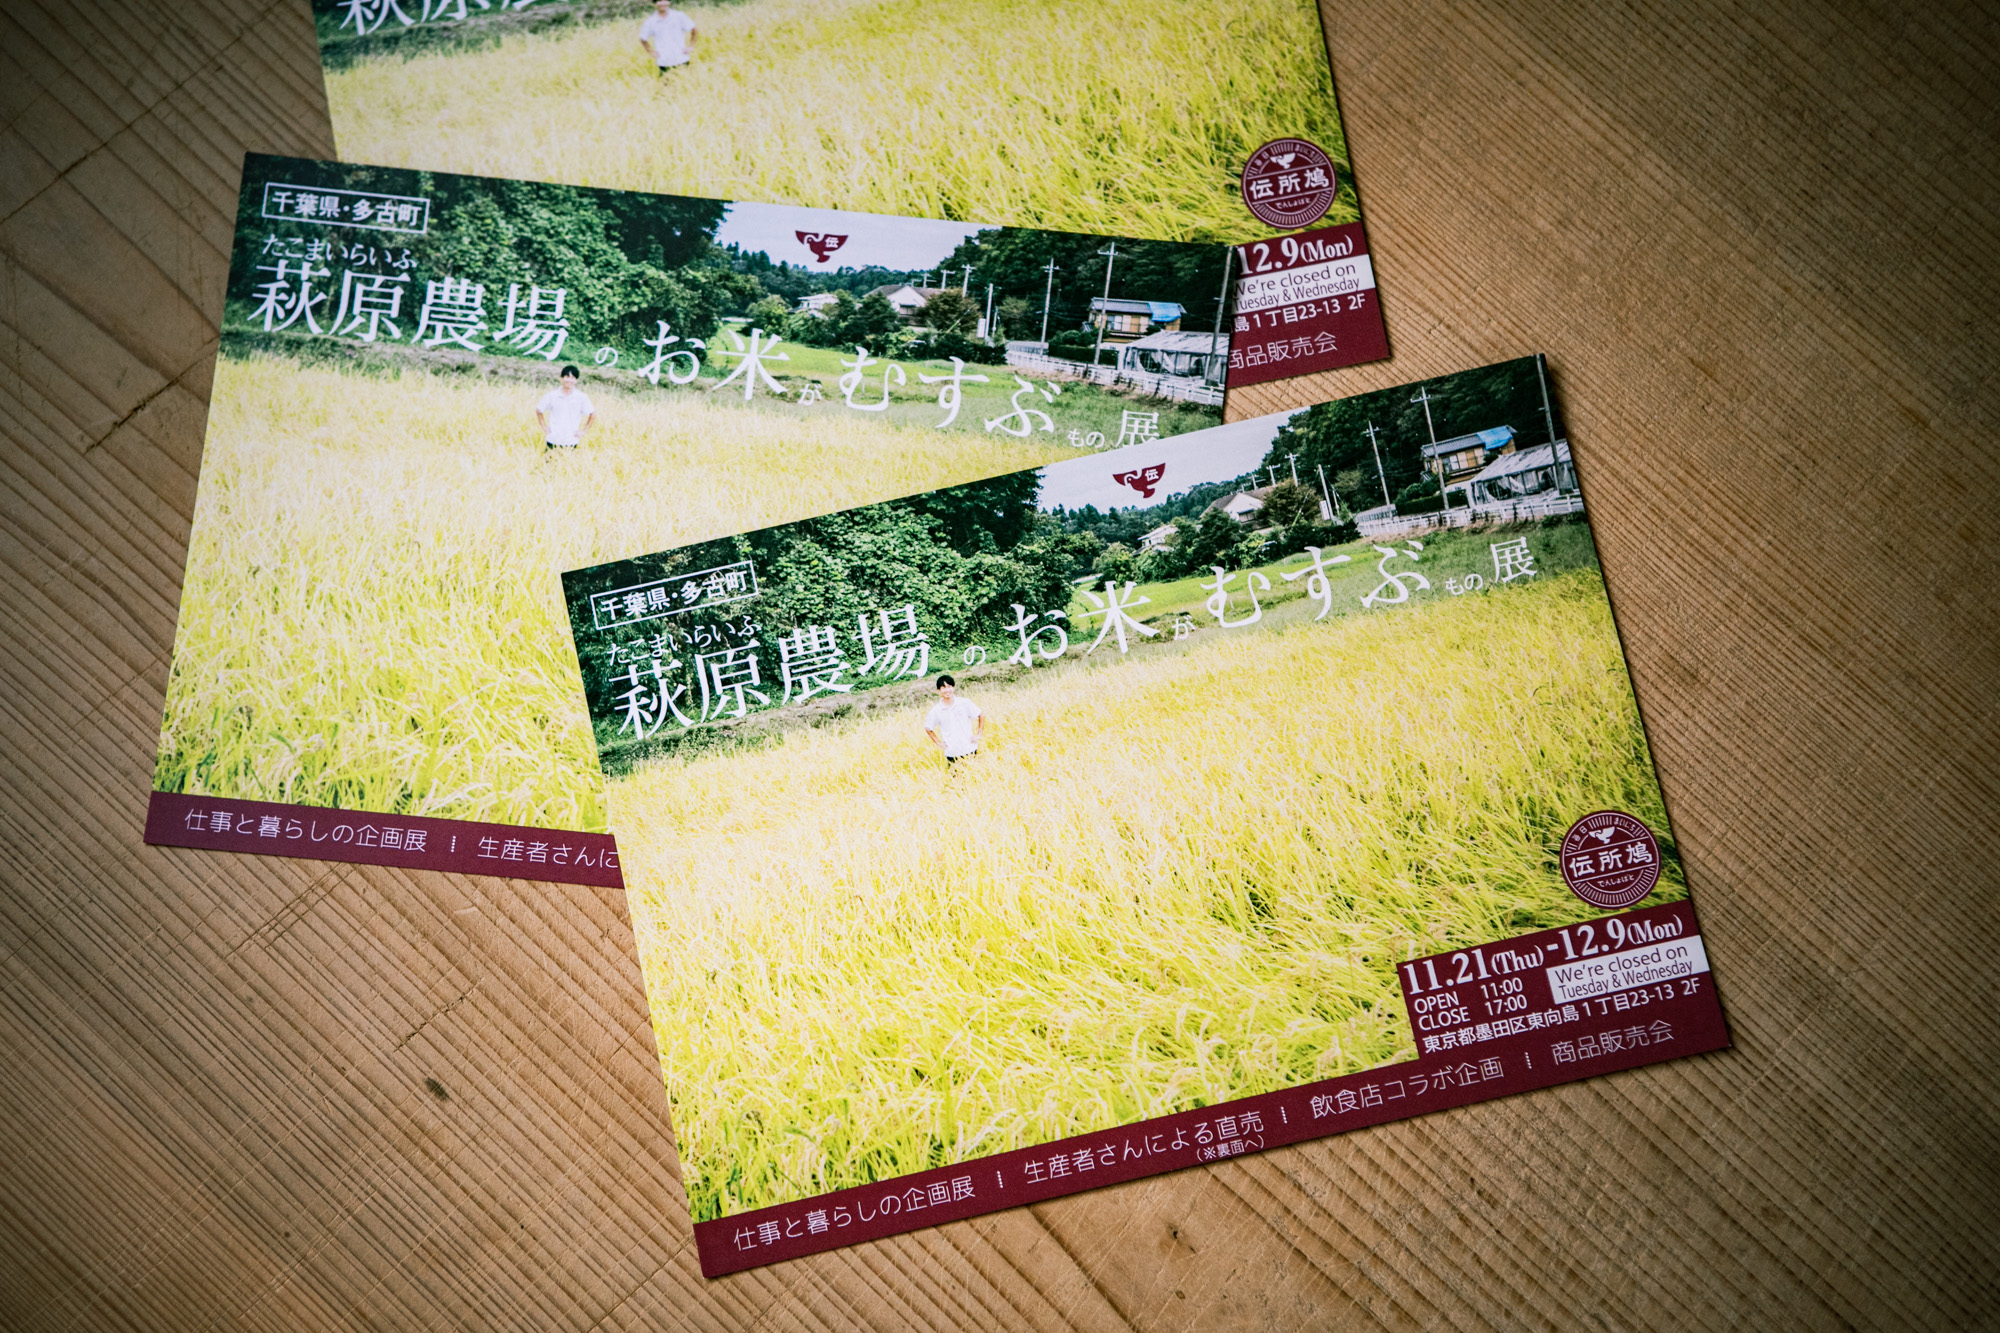 たこまいらいふ萩原農場のお米がむすぶもの展